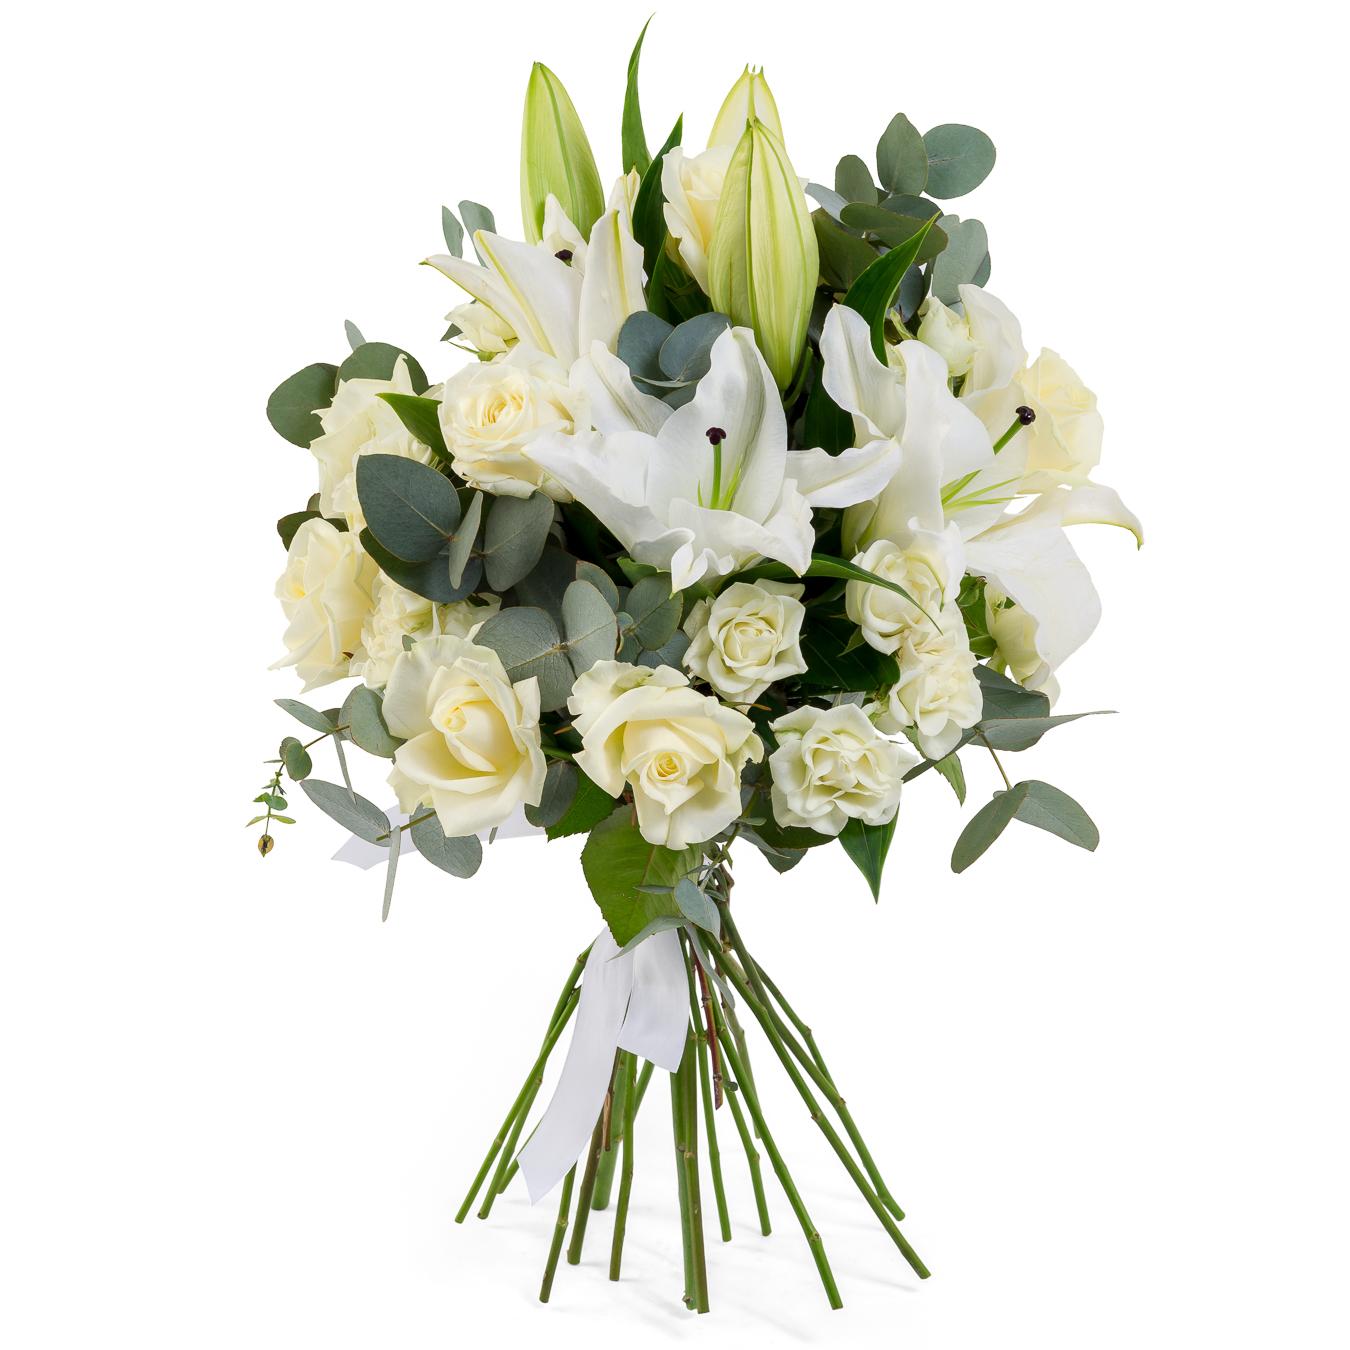 Авторский букет цветов Волшебной Девушке<br>Ингредиенты: Лилия  3 шт, Эвкалипт, Роза (50 см) 11 шт;